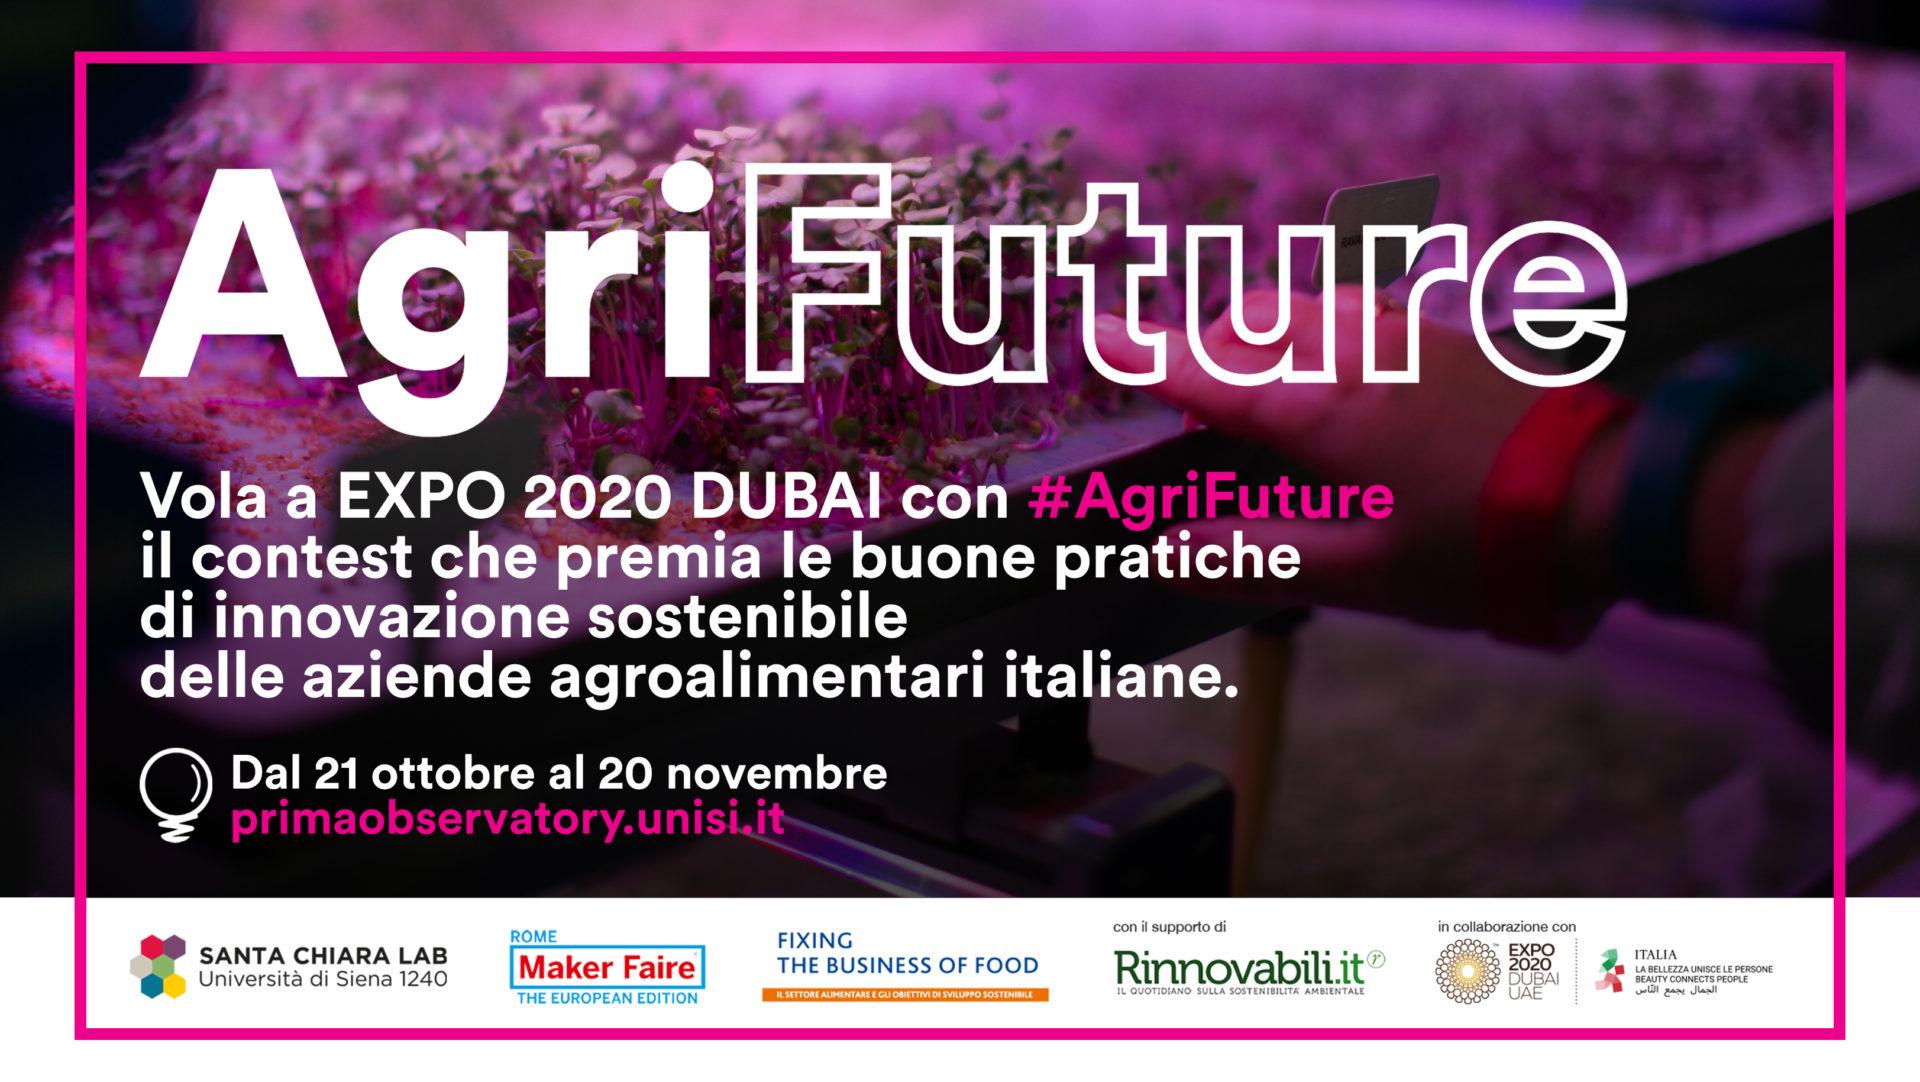 #AgriFuture, il contest che porta l'agritech italiano a Expo Dubai 2020